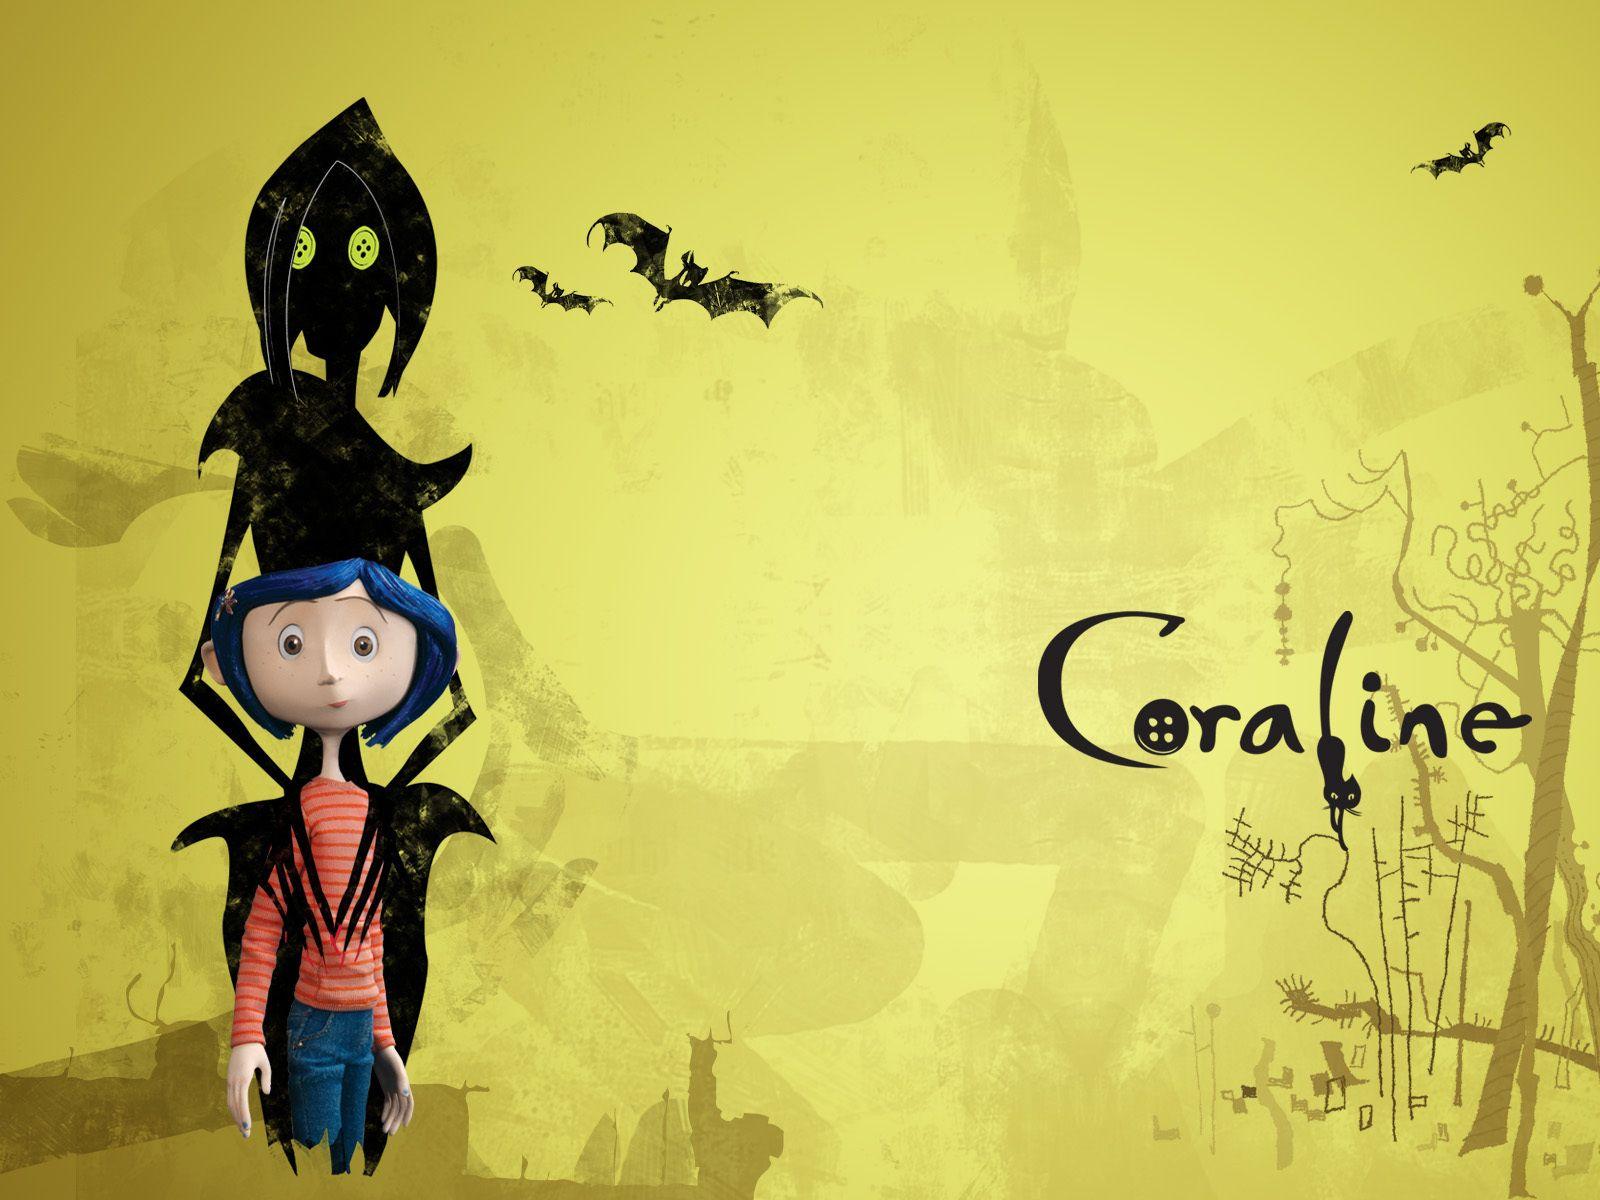 Coraline Wallpaper - Coraline Wallpaper (5835262) - Fanpop | Art ...